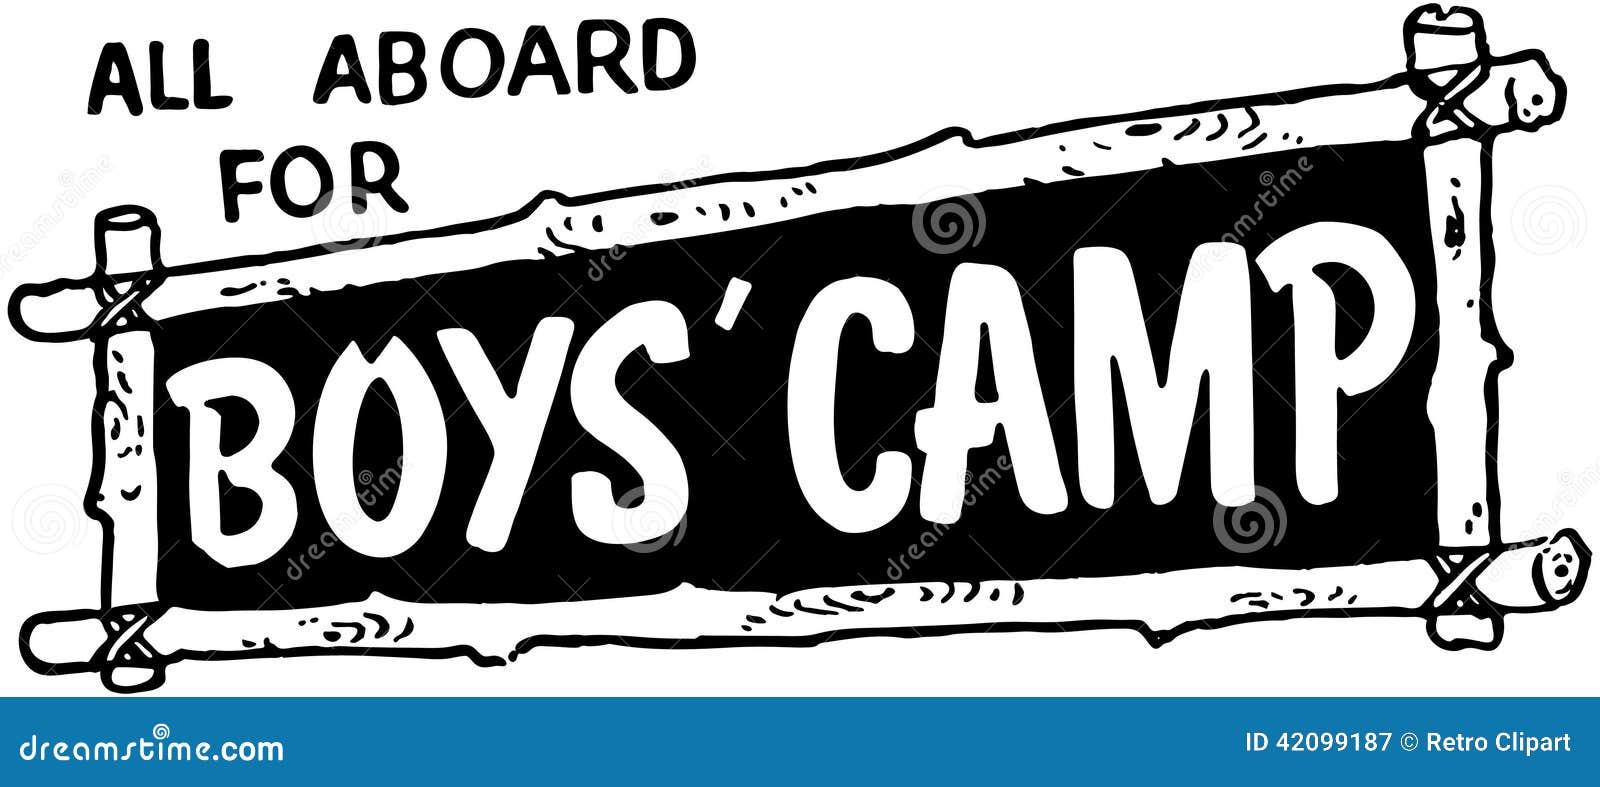 所有登上为男孩阵营